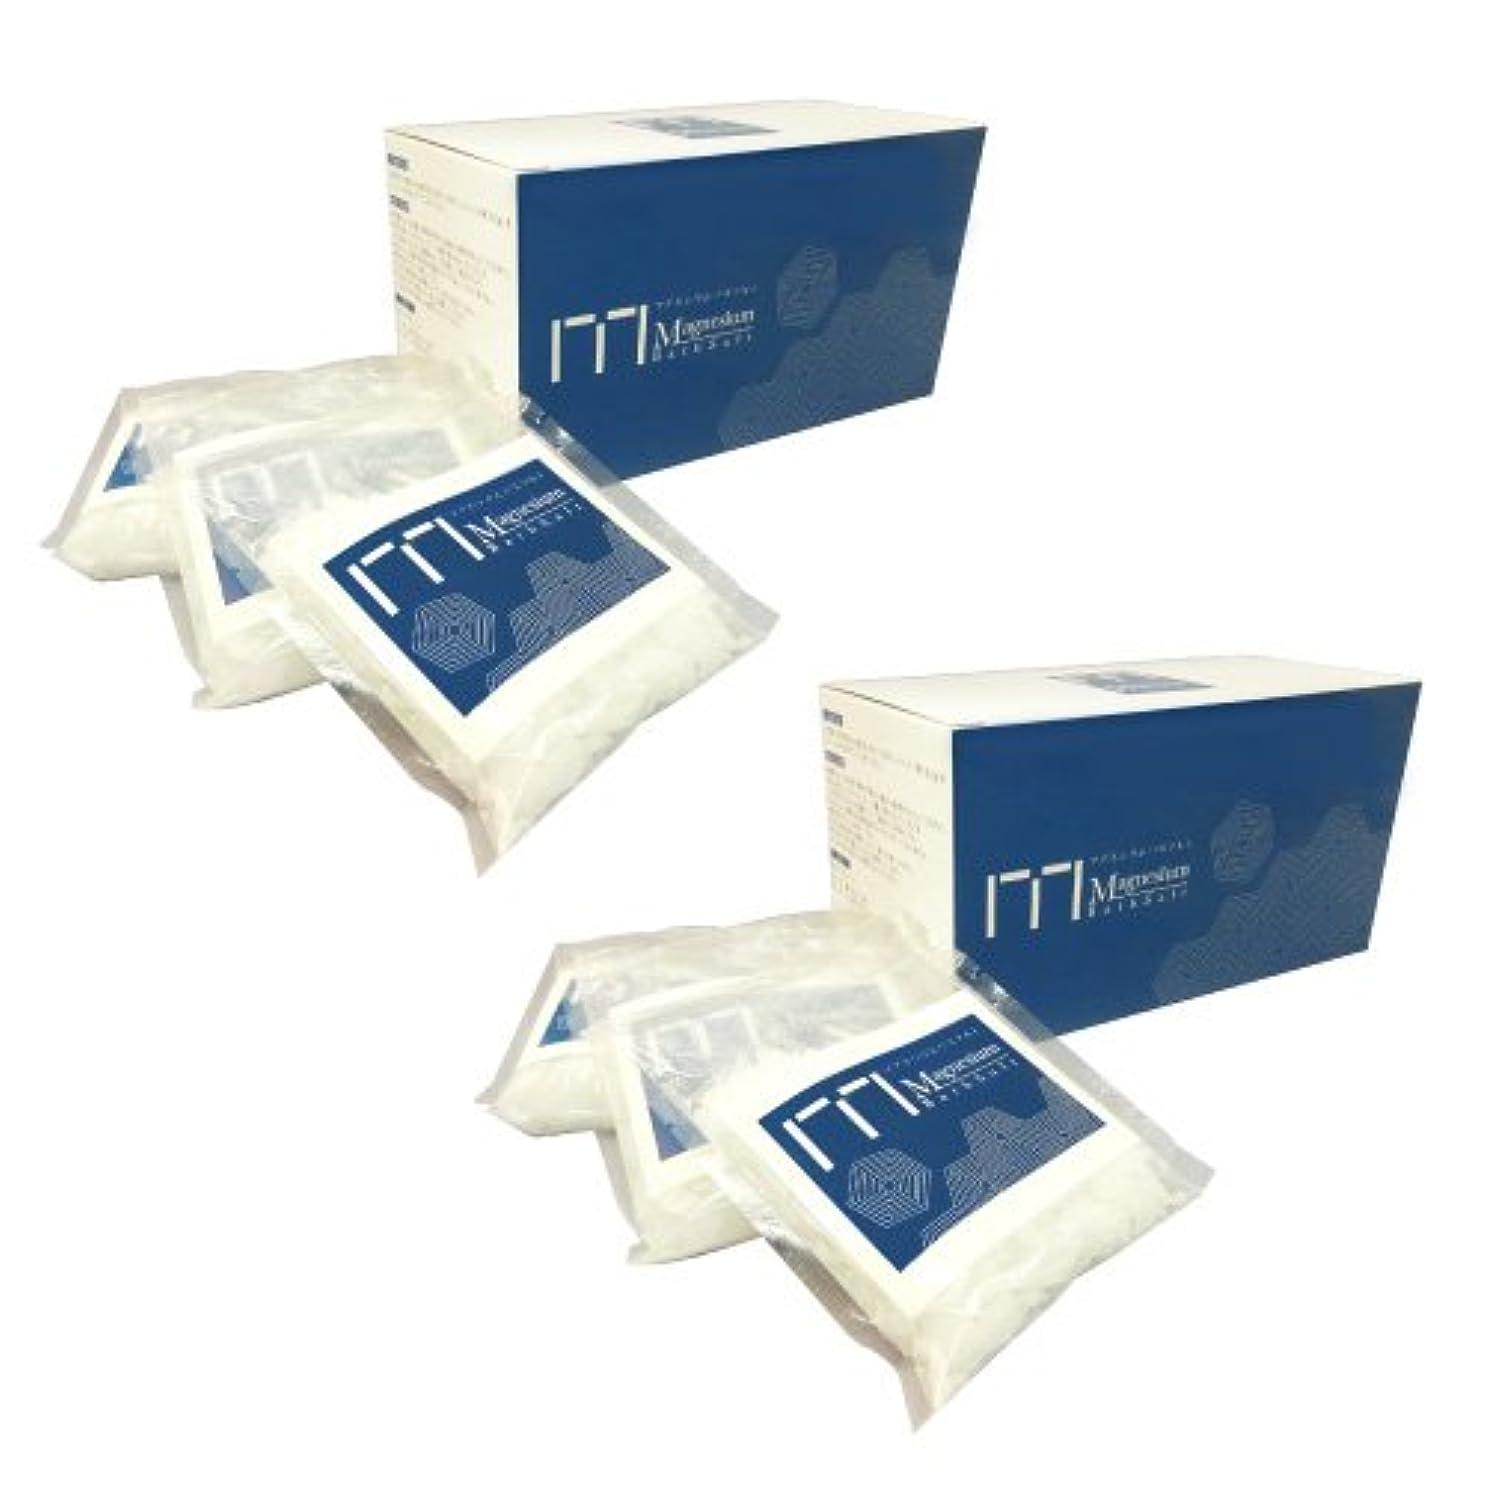 コンドーム望遠鏡メディックニューサイエンス マグネシウム入浴剤 (2個)